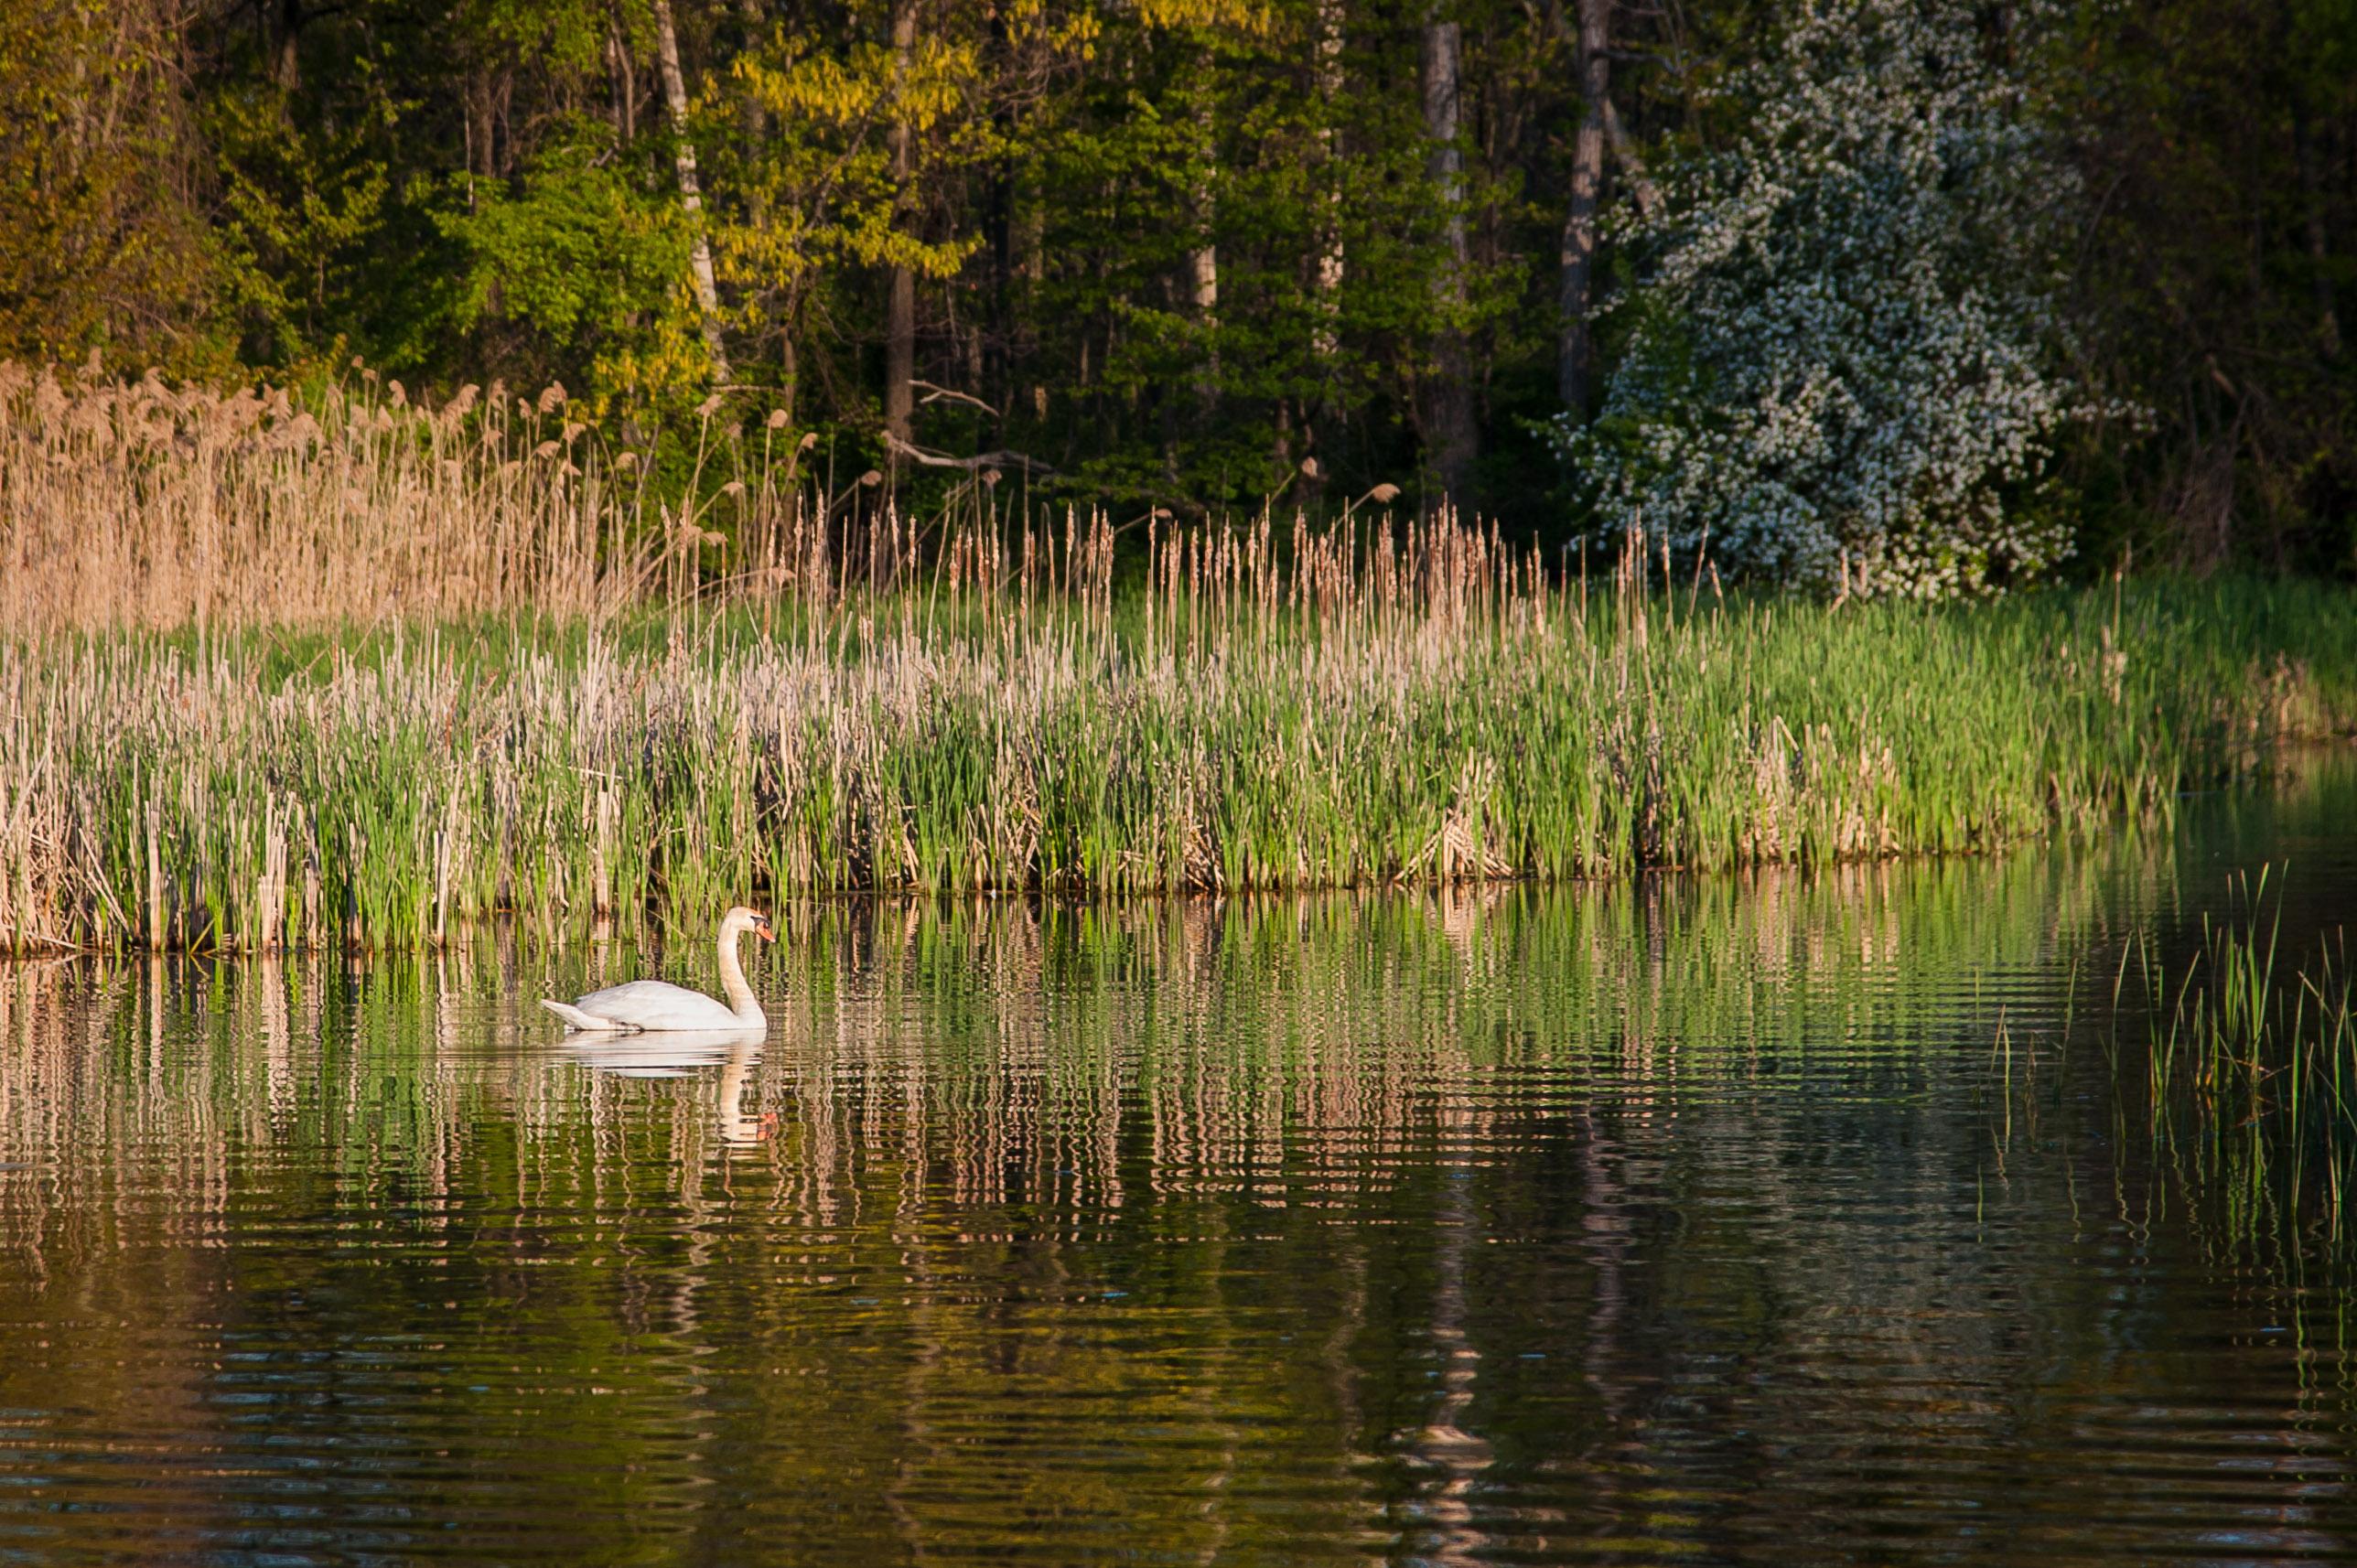 lake ontario fishing charters hamlin ny